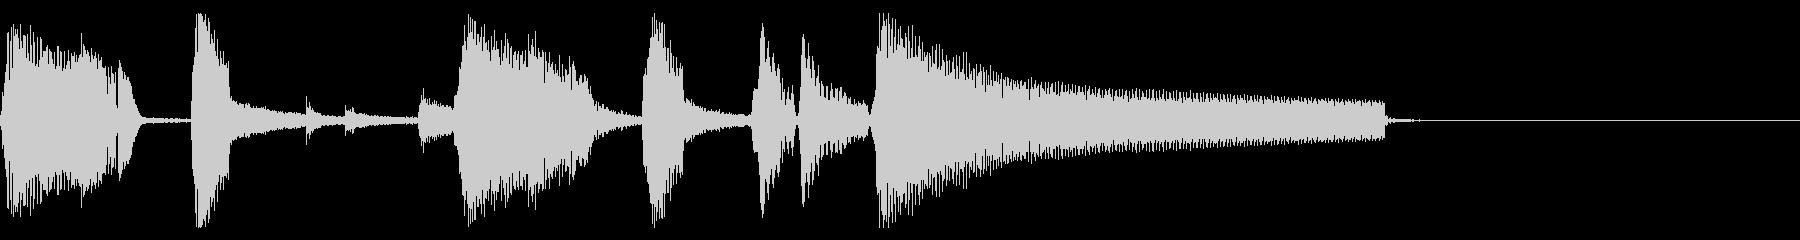 おしゃれなジャズ ピアノ ジングル 03の未再生の波形